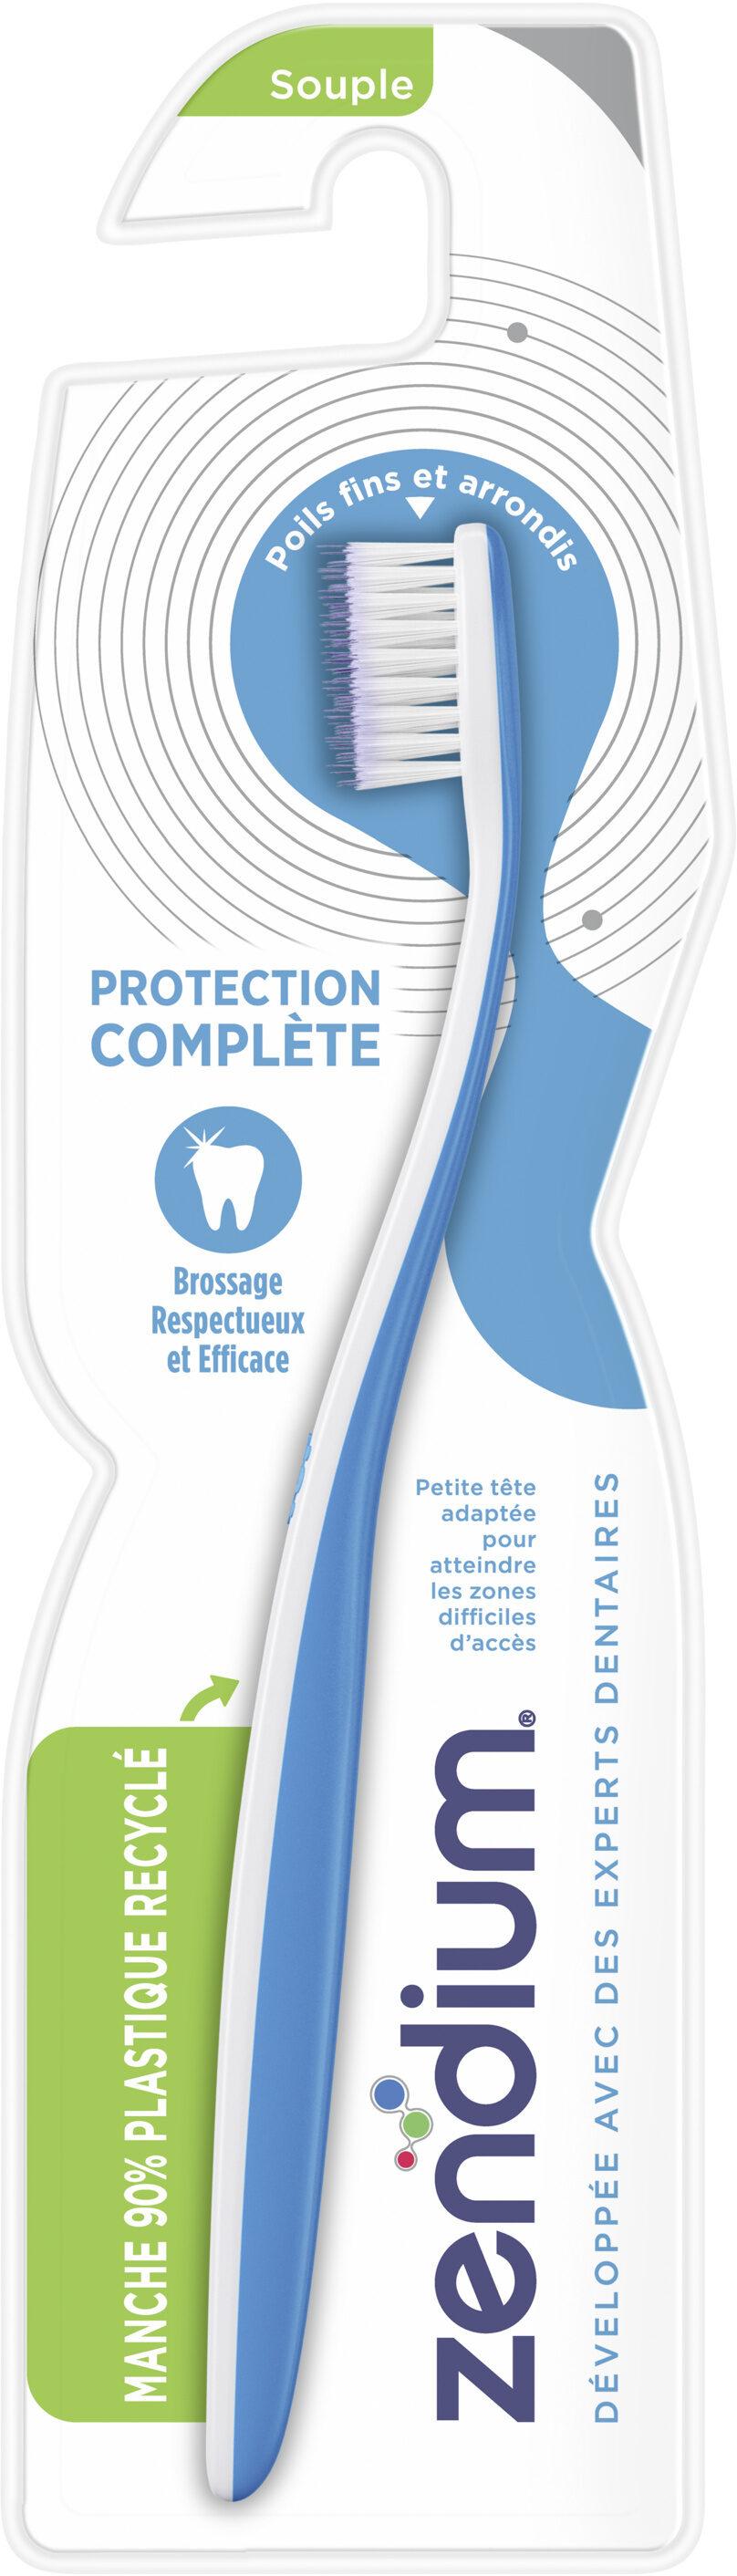 Zendium Brosse à Dents Protection Complète Souple x1 - Product - fr